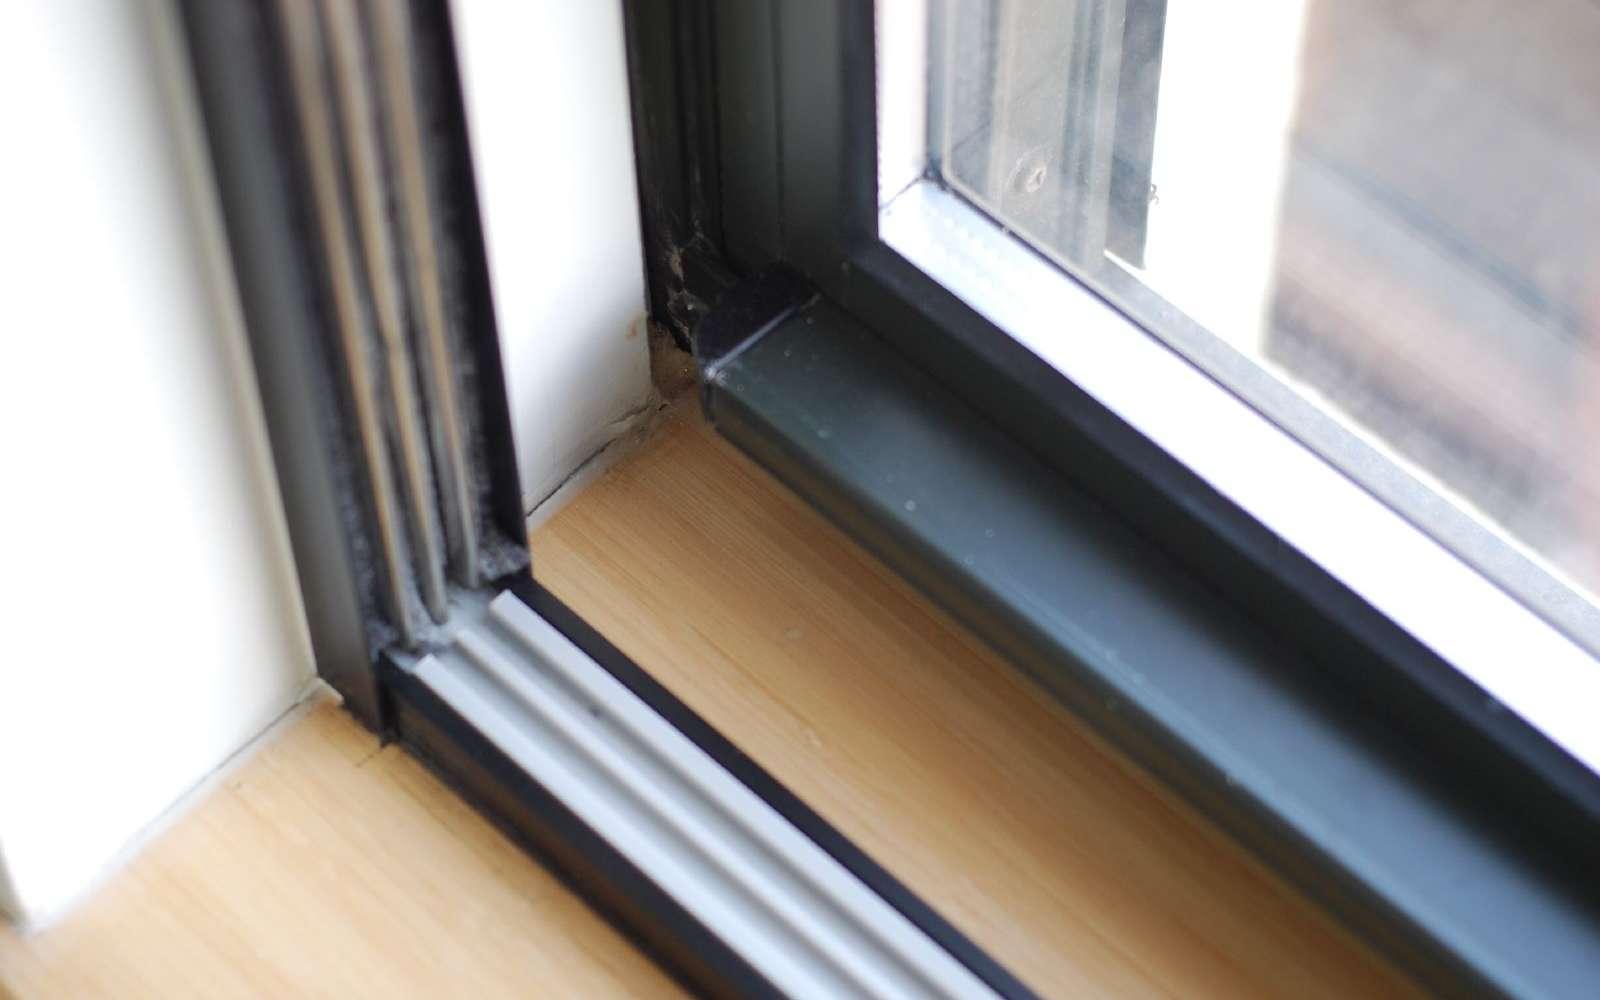 Fenêtre à double vitrage utilisant la méthode masse-ressort-masse pour l'isolation phonique. © Dumbonyc, CC BY-SA 2.0, Flickr